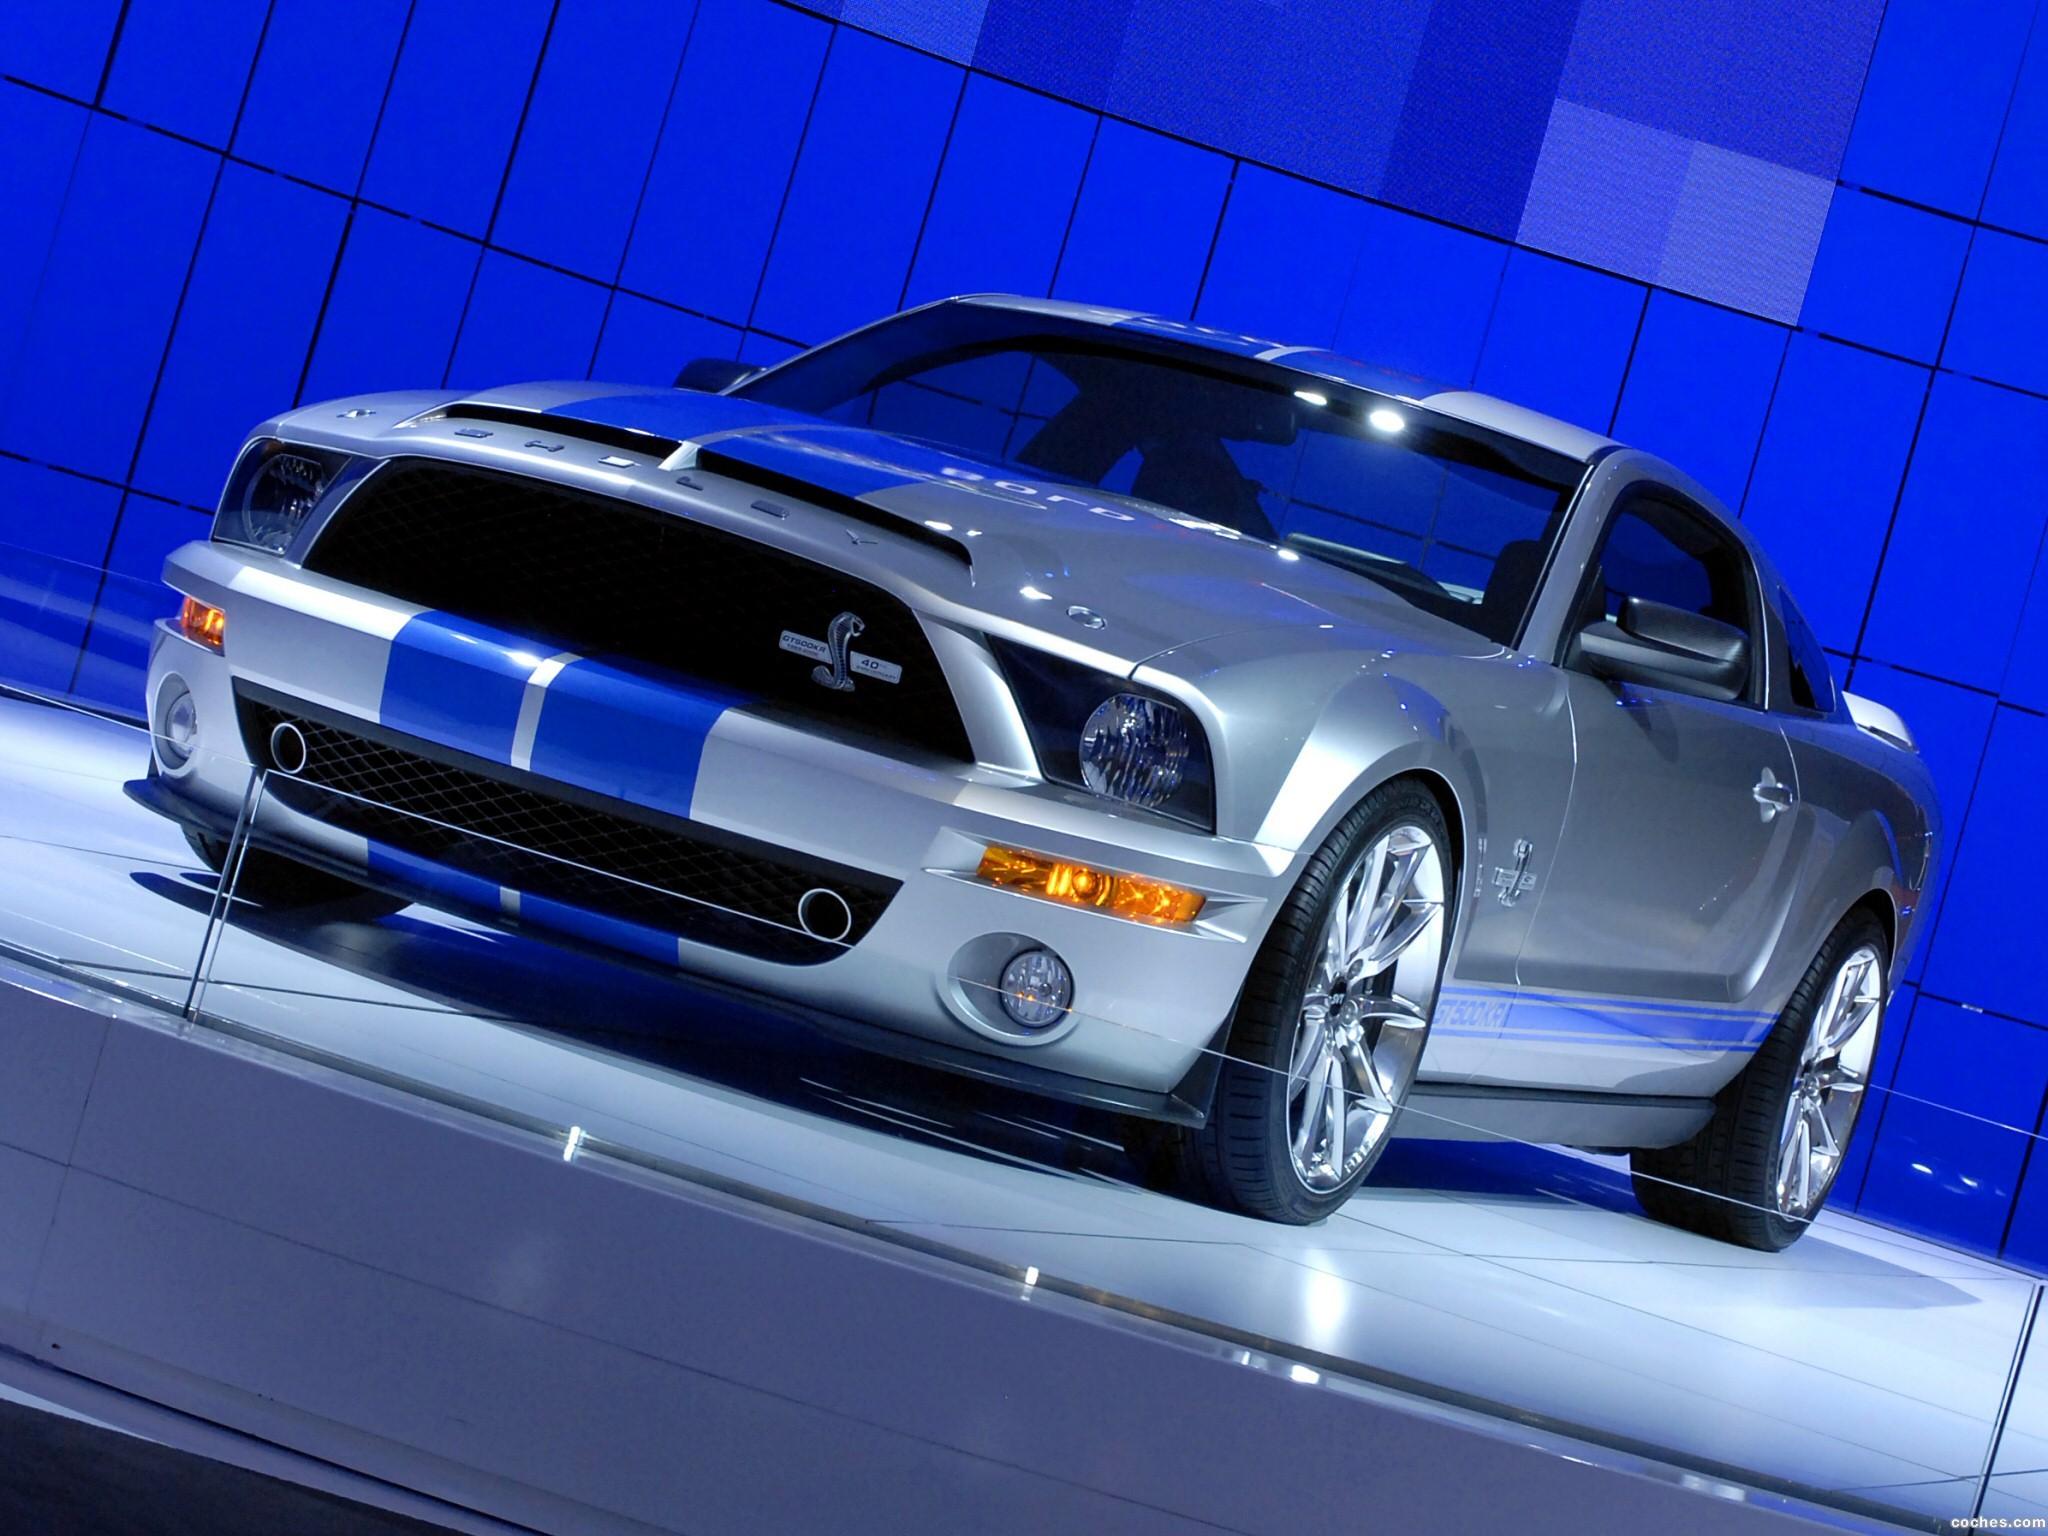 Foto 0 de Ford Mustang GT500KR 2007